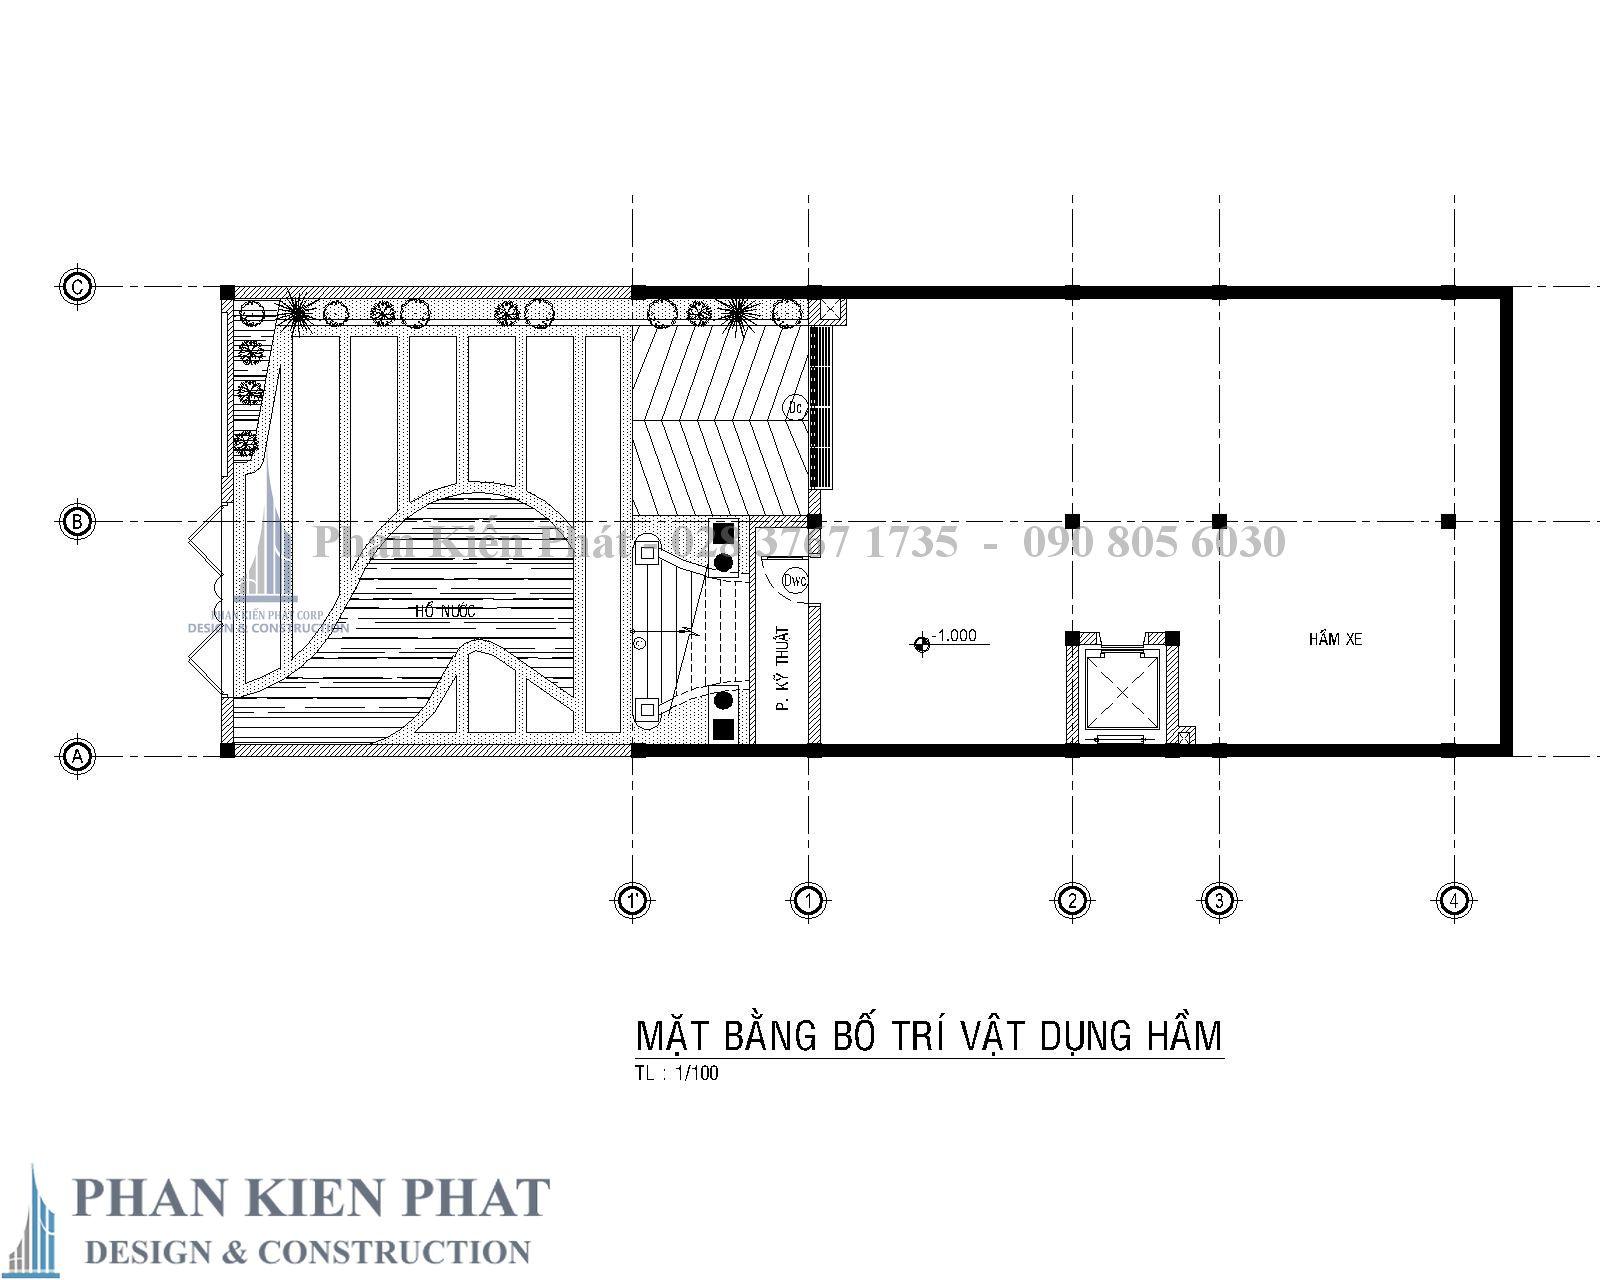 Mat Bang Bo Tri Vat Dung Tang Ham Biet Thu Co Dien - Thiết kế biệt thự cổ điển